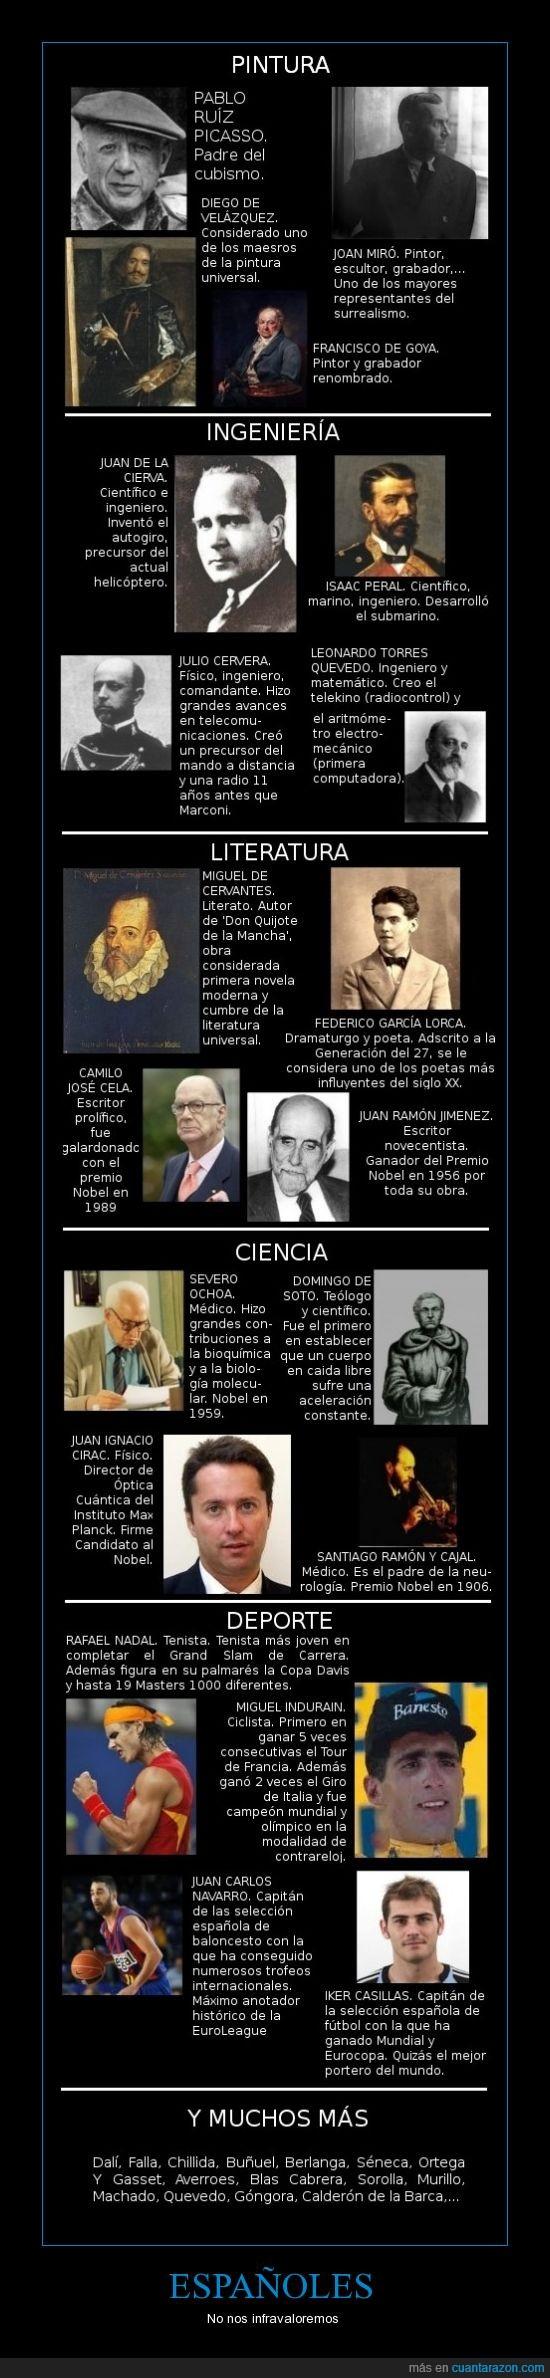 cientificos,deportistas,españoles,ilustres,pintores